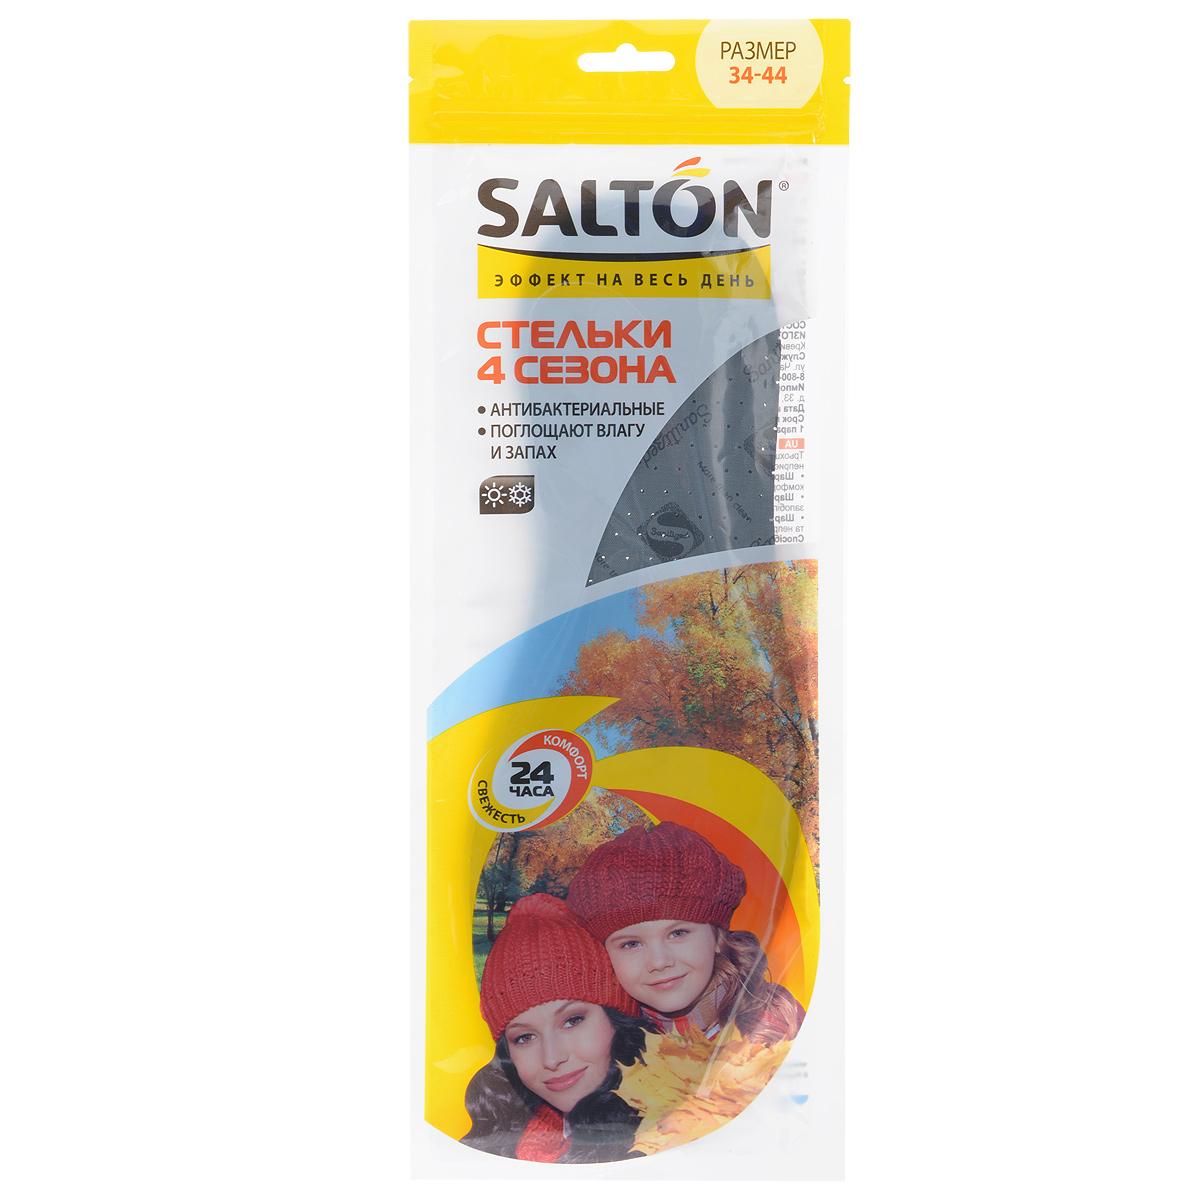 Стельки Salton 4 сезона, размер 34-44262588512Стельки Salton 4 сезона имеют трехслойную структуру, обеспечивающую комфорт при ходьбе и эффективно удаляющую неприятный запах в обуви:- слой с покрытием из натурального хлопка обеспечивает тактильный комфорт для стоп;- слой из вспененного латекса с антибактериальной пропиткой SANITIZED препятствует размножению бактерий; - слой из вспененного латекса с активированным углем впитывает влагу и неприятные запахи.Размер ноги: 34-44.Размер стельки (ДхШхВ): 30 см х 10 см х 0,5 см.Материал: хлопок, активированный уголь, латекс.